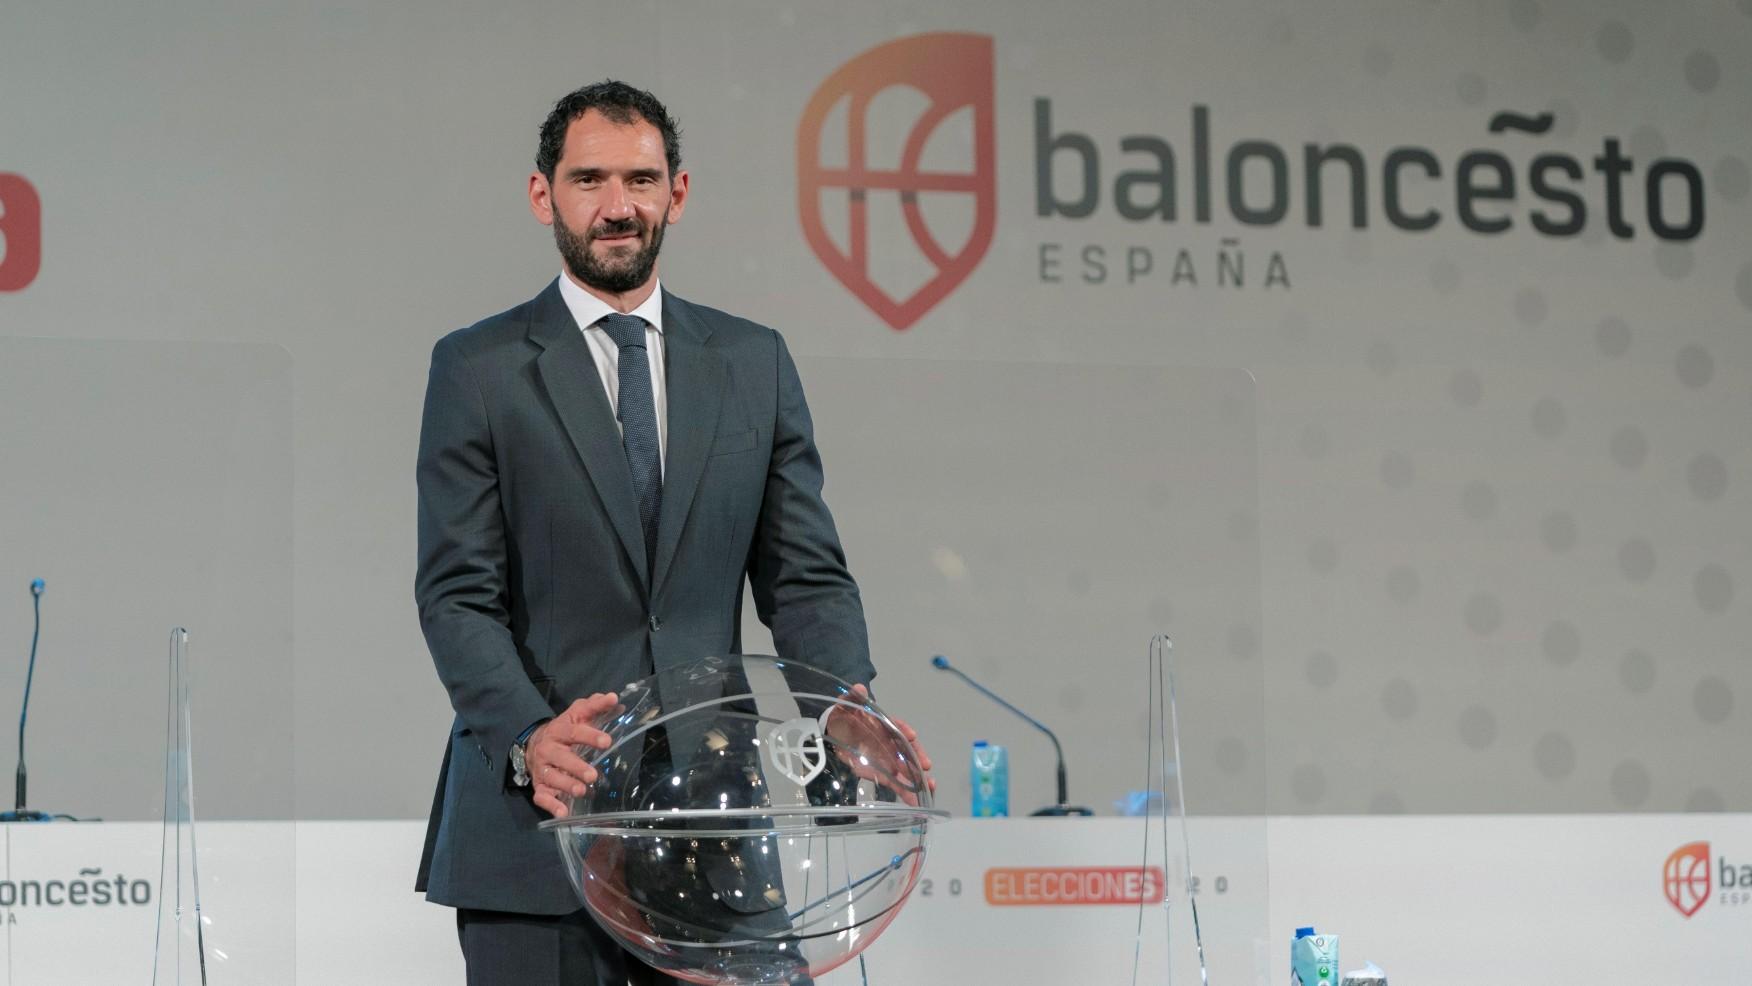 El Baloncesto Español, admirado.